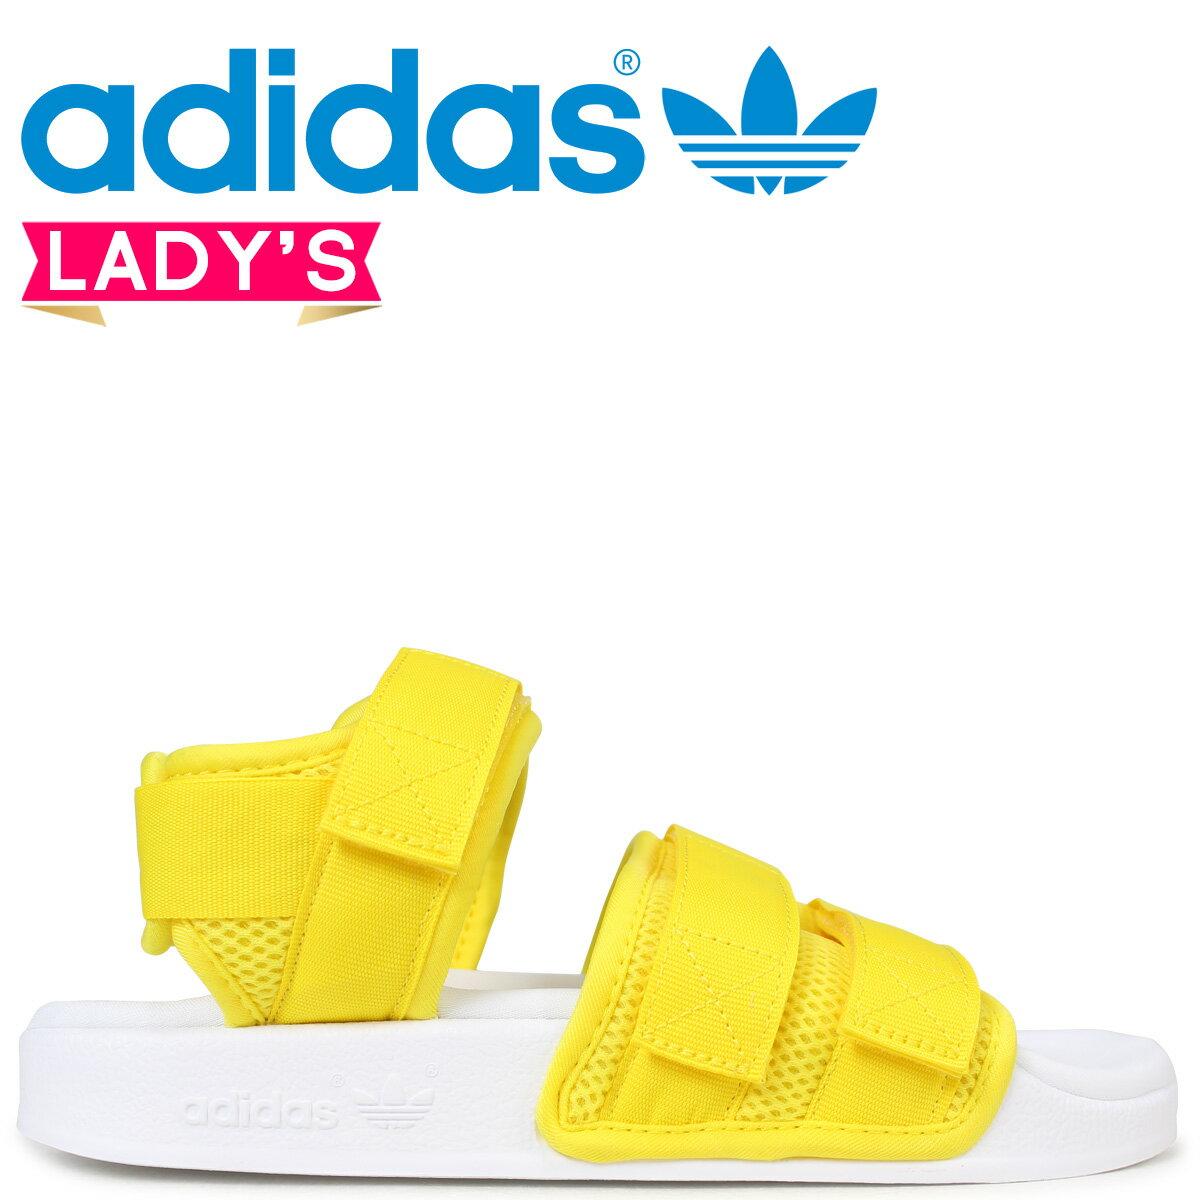 【お買い物マラソン ポイント最大30倍】adidas Originals アディレッタ アディダス サンダル ADILETTE SANDAL 2.0 W レディース CQ2673 イエロー オリジナルス [3/20 新入荷]